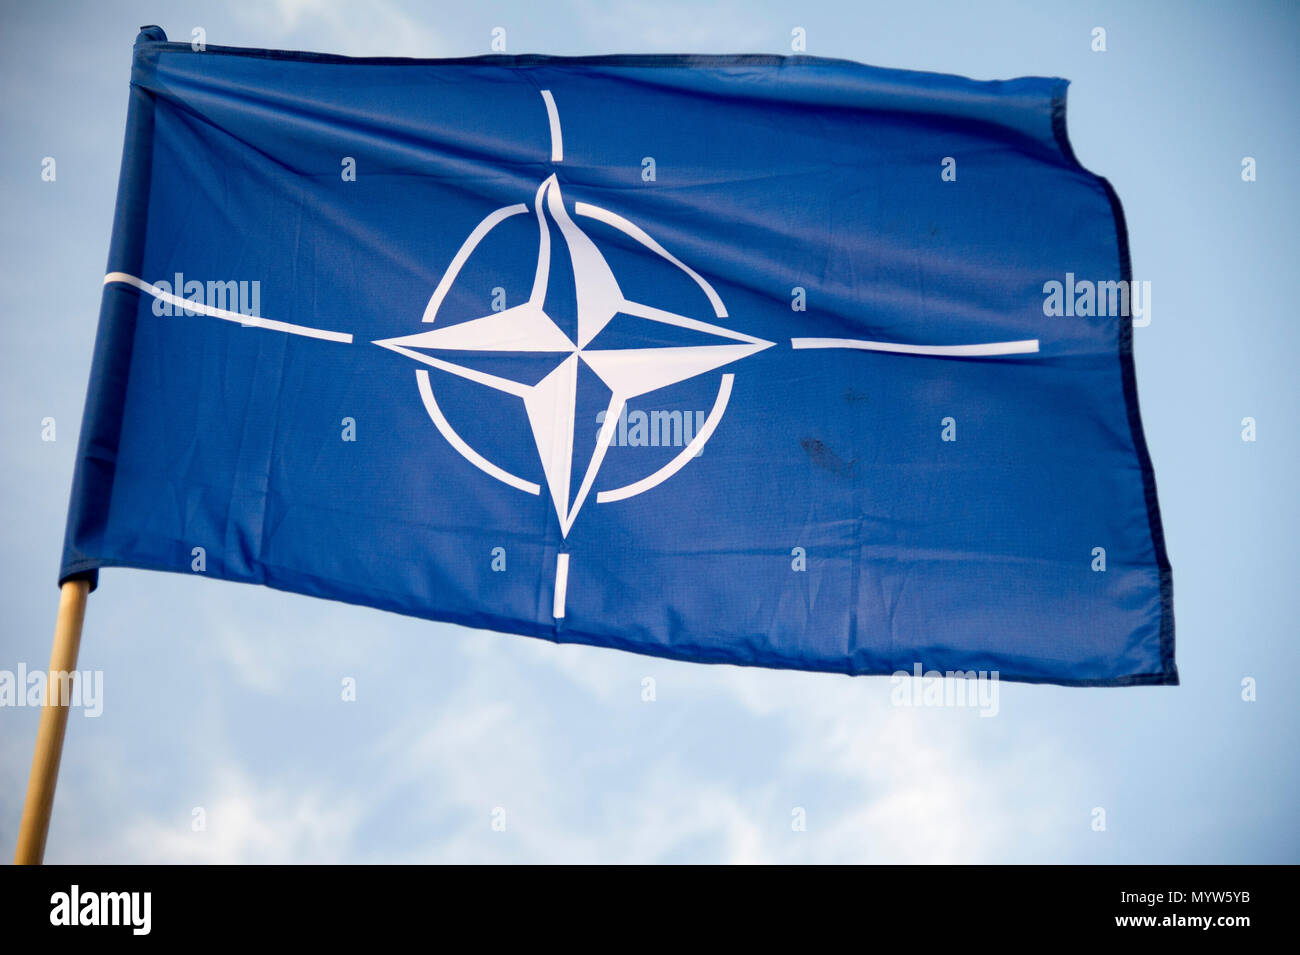 North Atlantic Treaty Organization NATO flag in Gdynia, Poland. January 14th 2017 © Wojciech Strozyk / Alamy Stock Photo Stock Photo